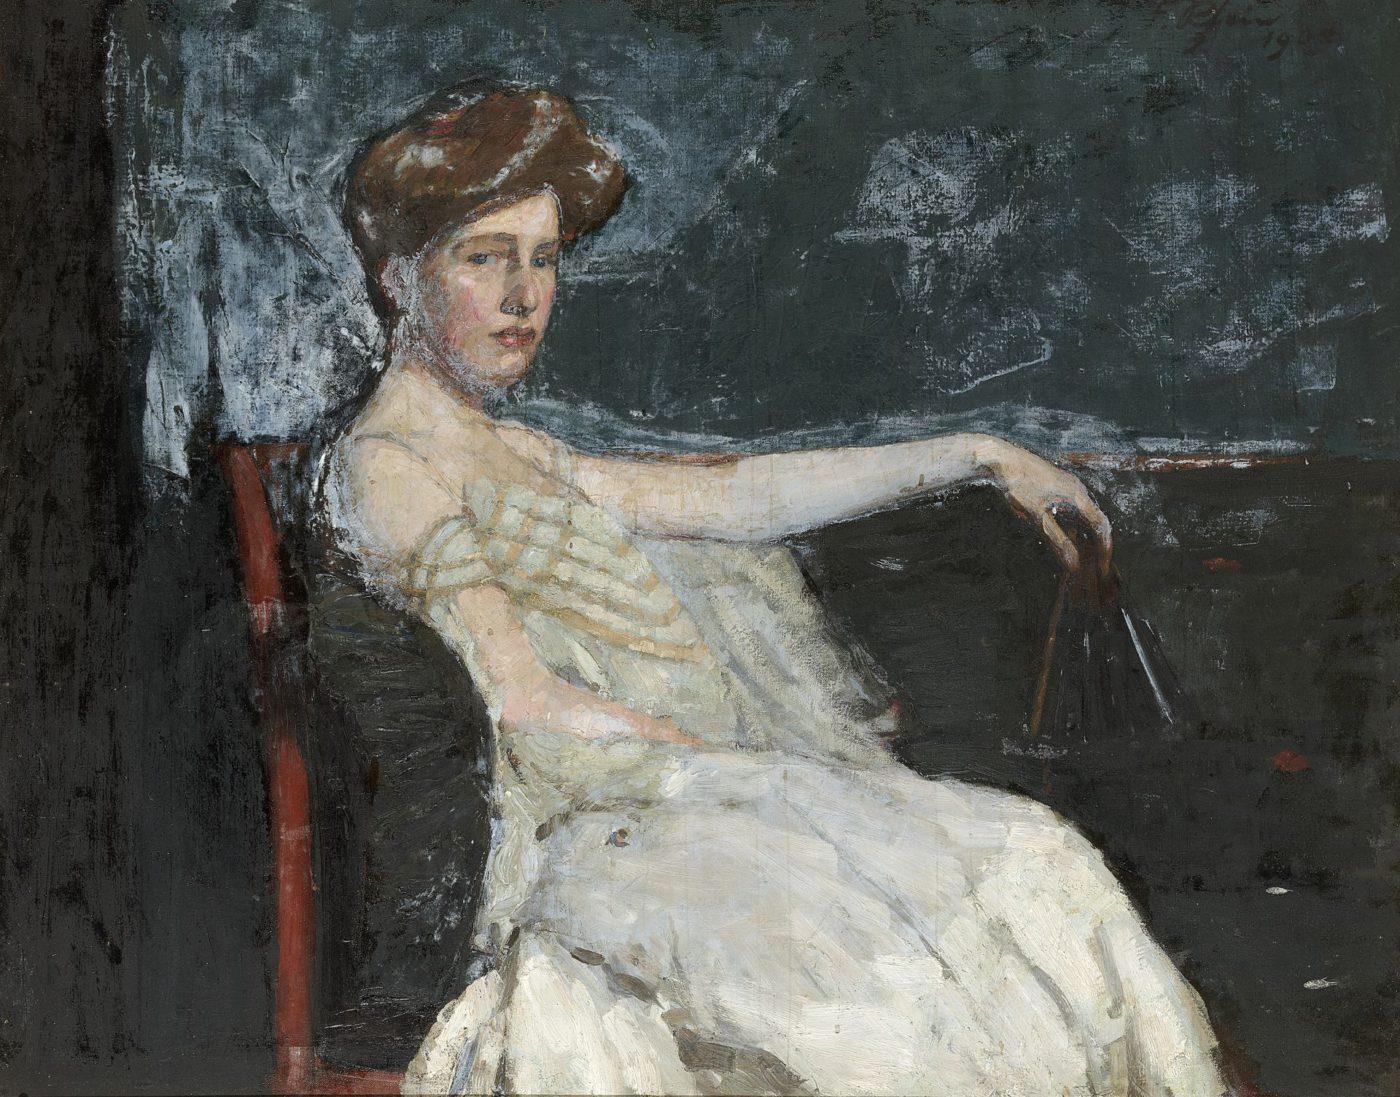 Fritz Rhein: Dame auf dem Sofa, ca. 1905 © Staatliche Museen zu Berlin, Alte Nationalgalerie / Andres Kilger